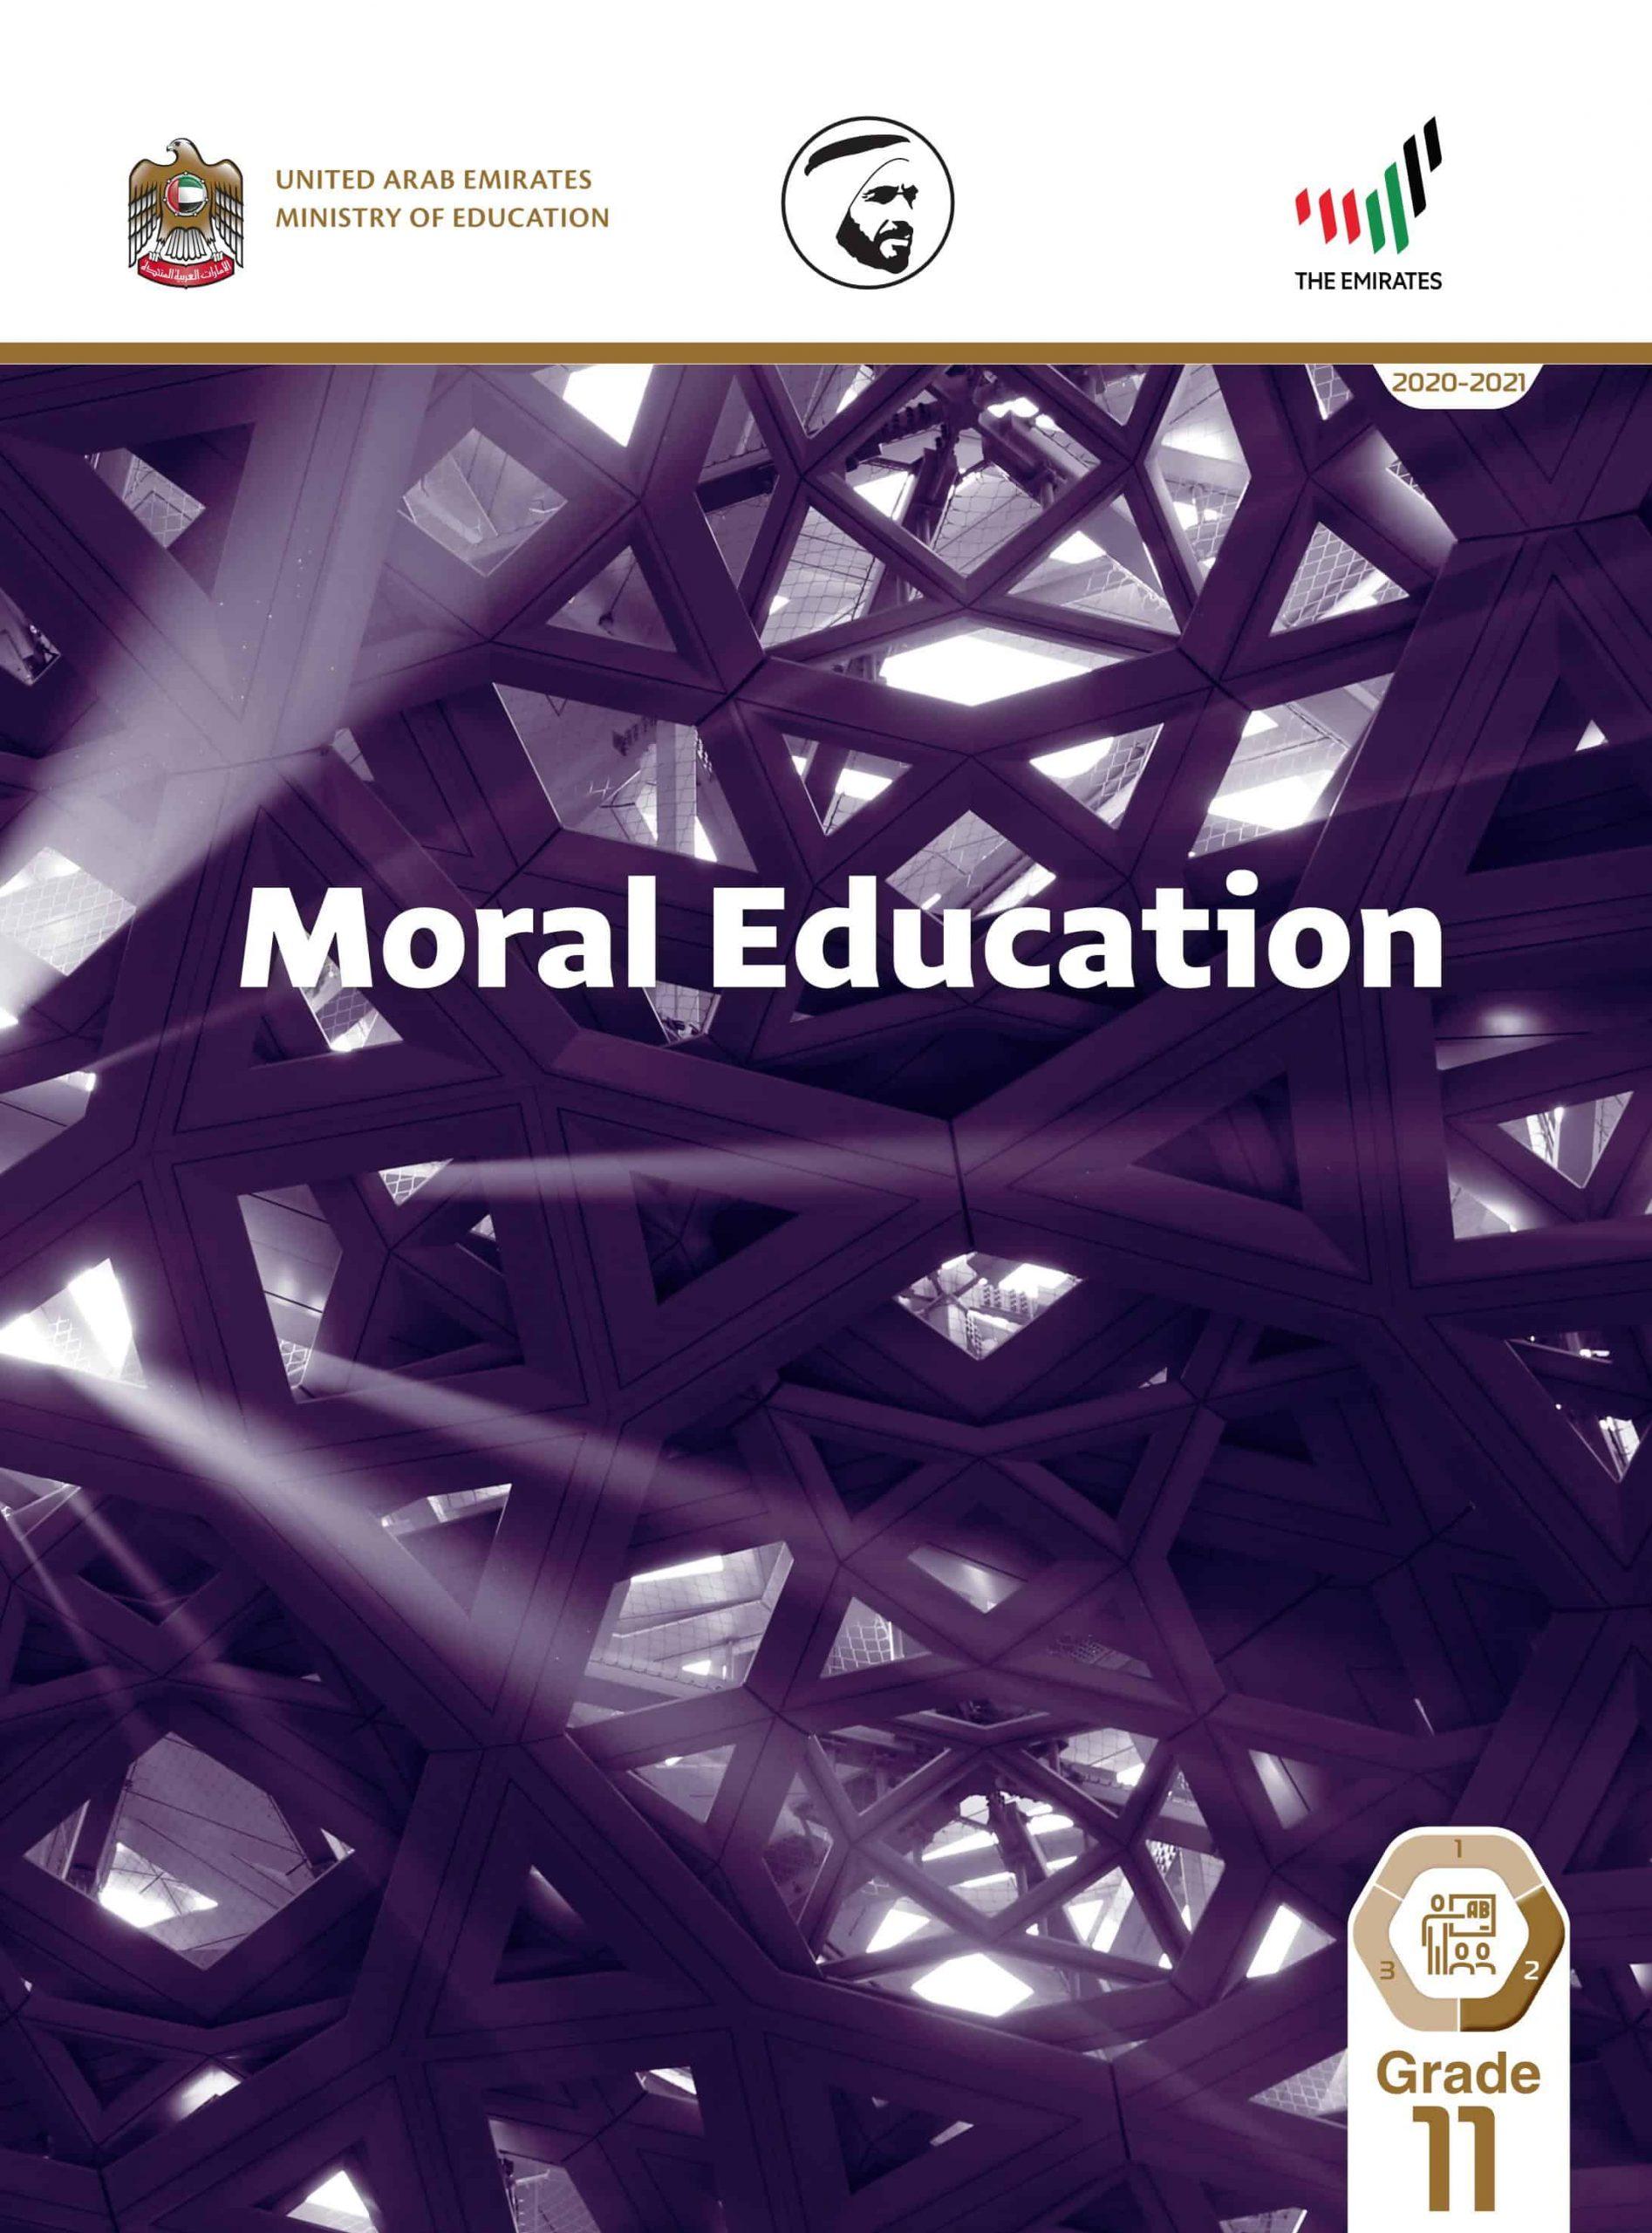 دليل المعلم بالانجليزي الفصل الدراسي الثاني 2020-2021 الصف الحادي عشر مادة التربية الاخلاقية